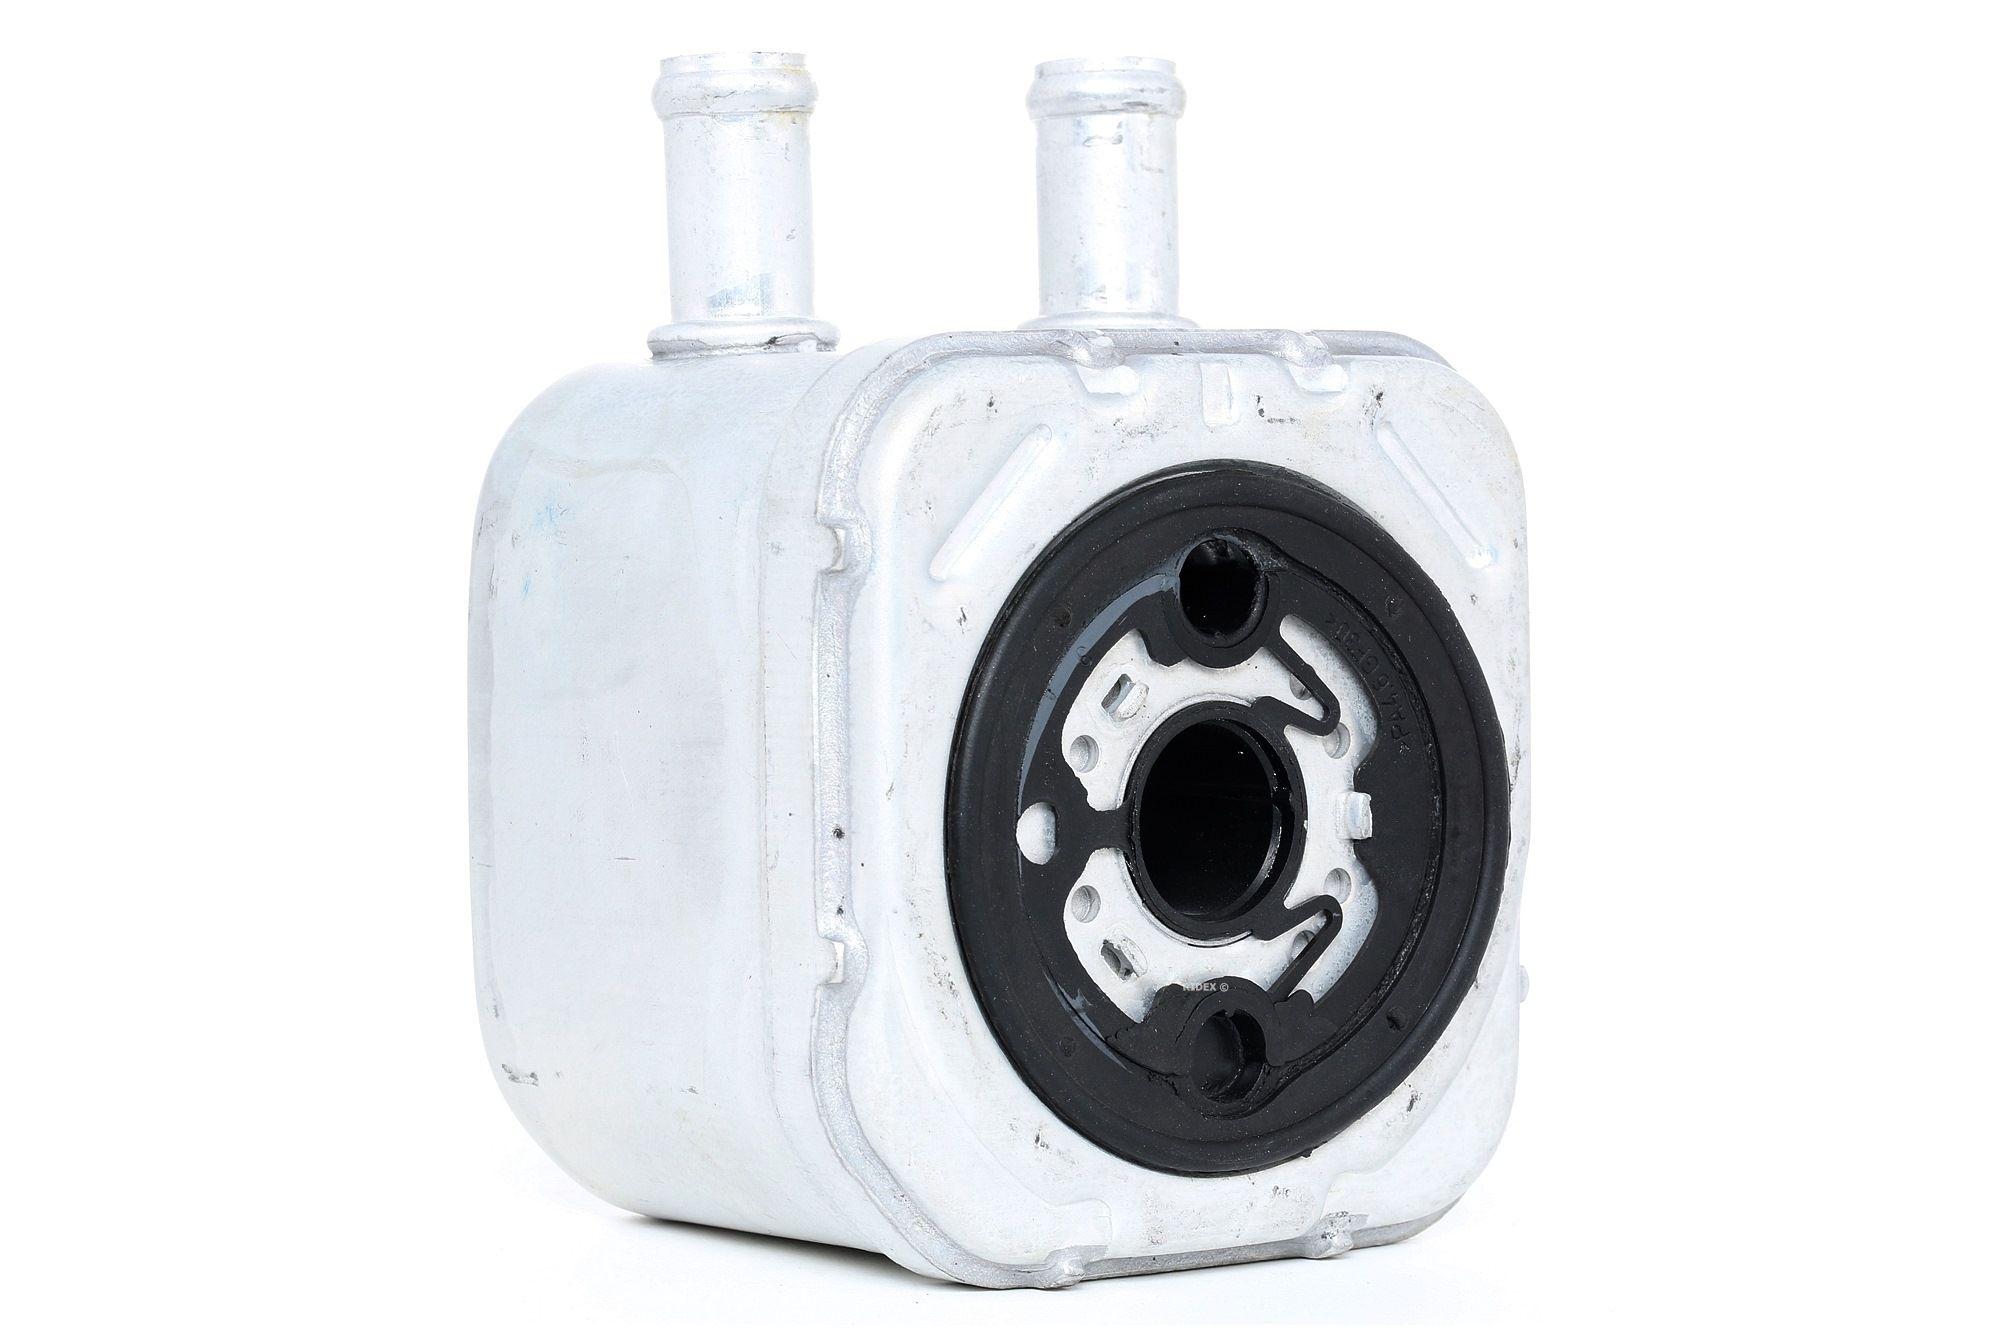 Ölkühler 469O0017 rund um die Uhr online kaufen